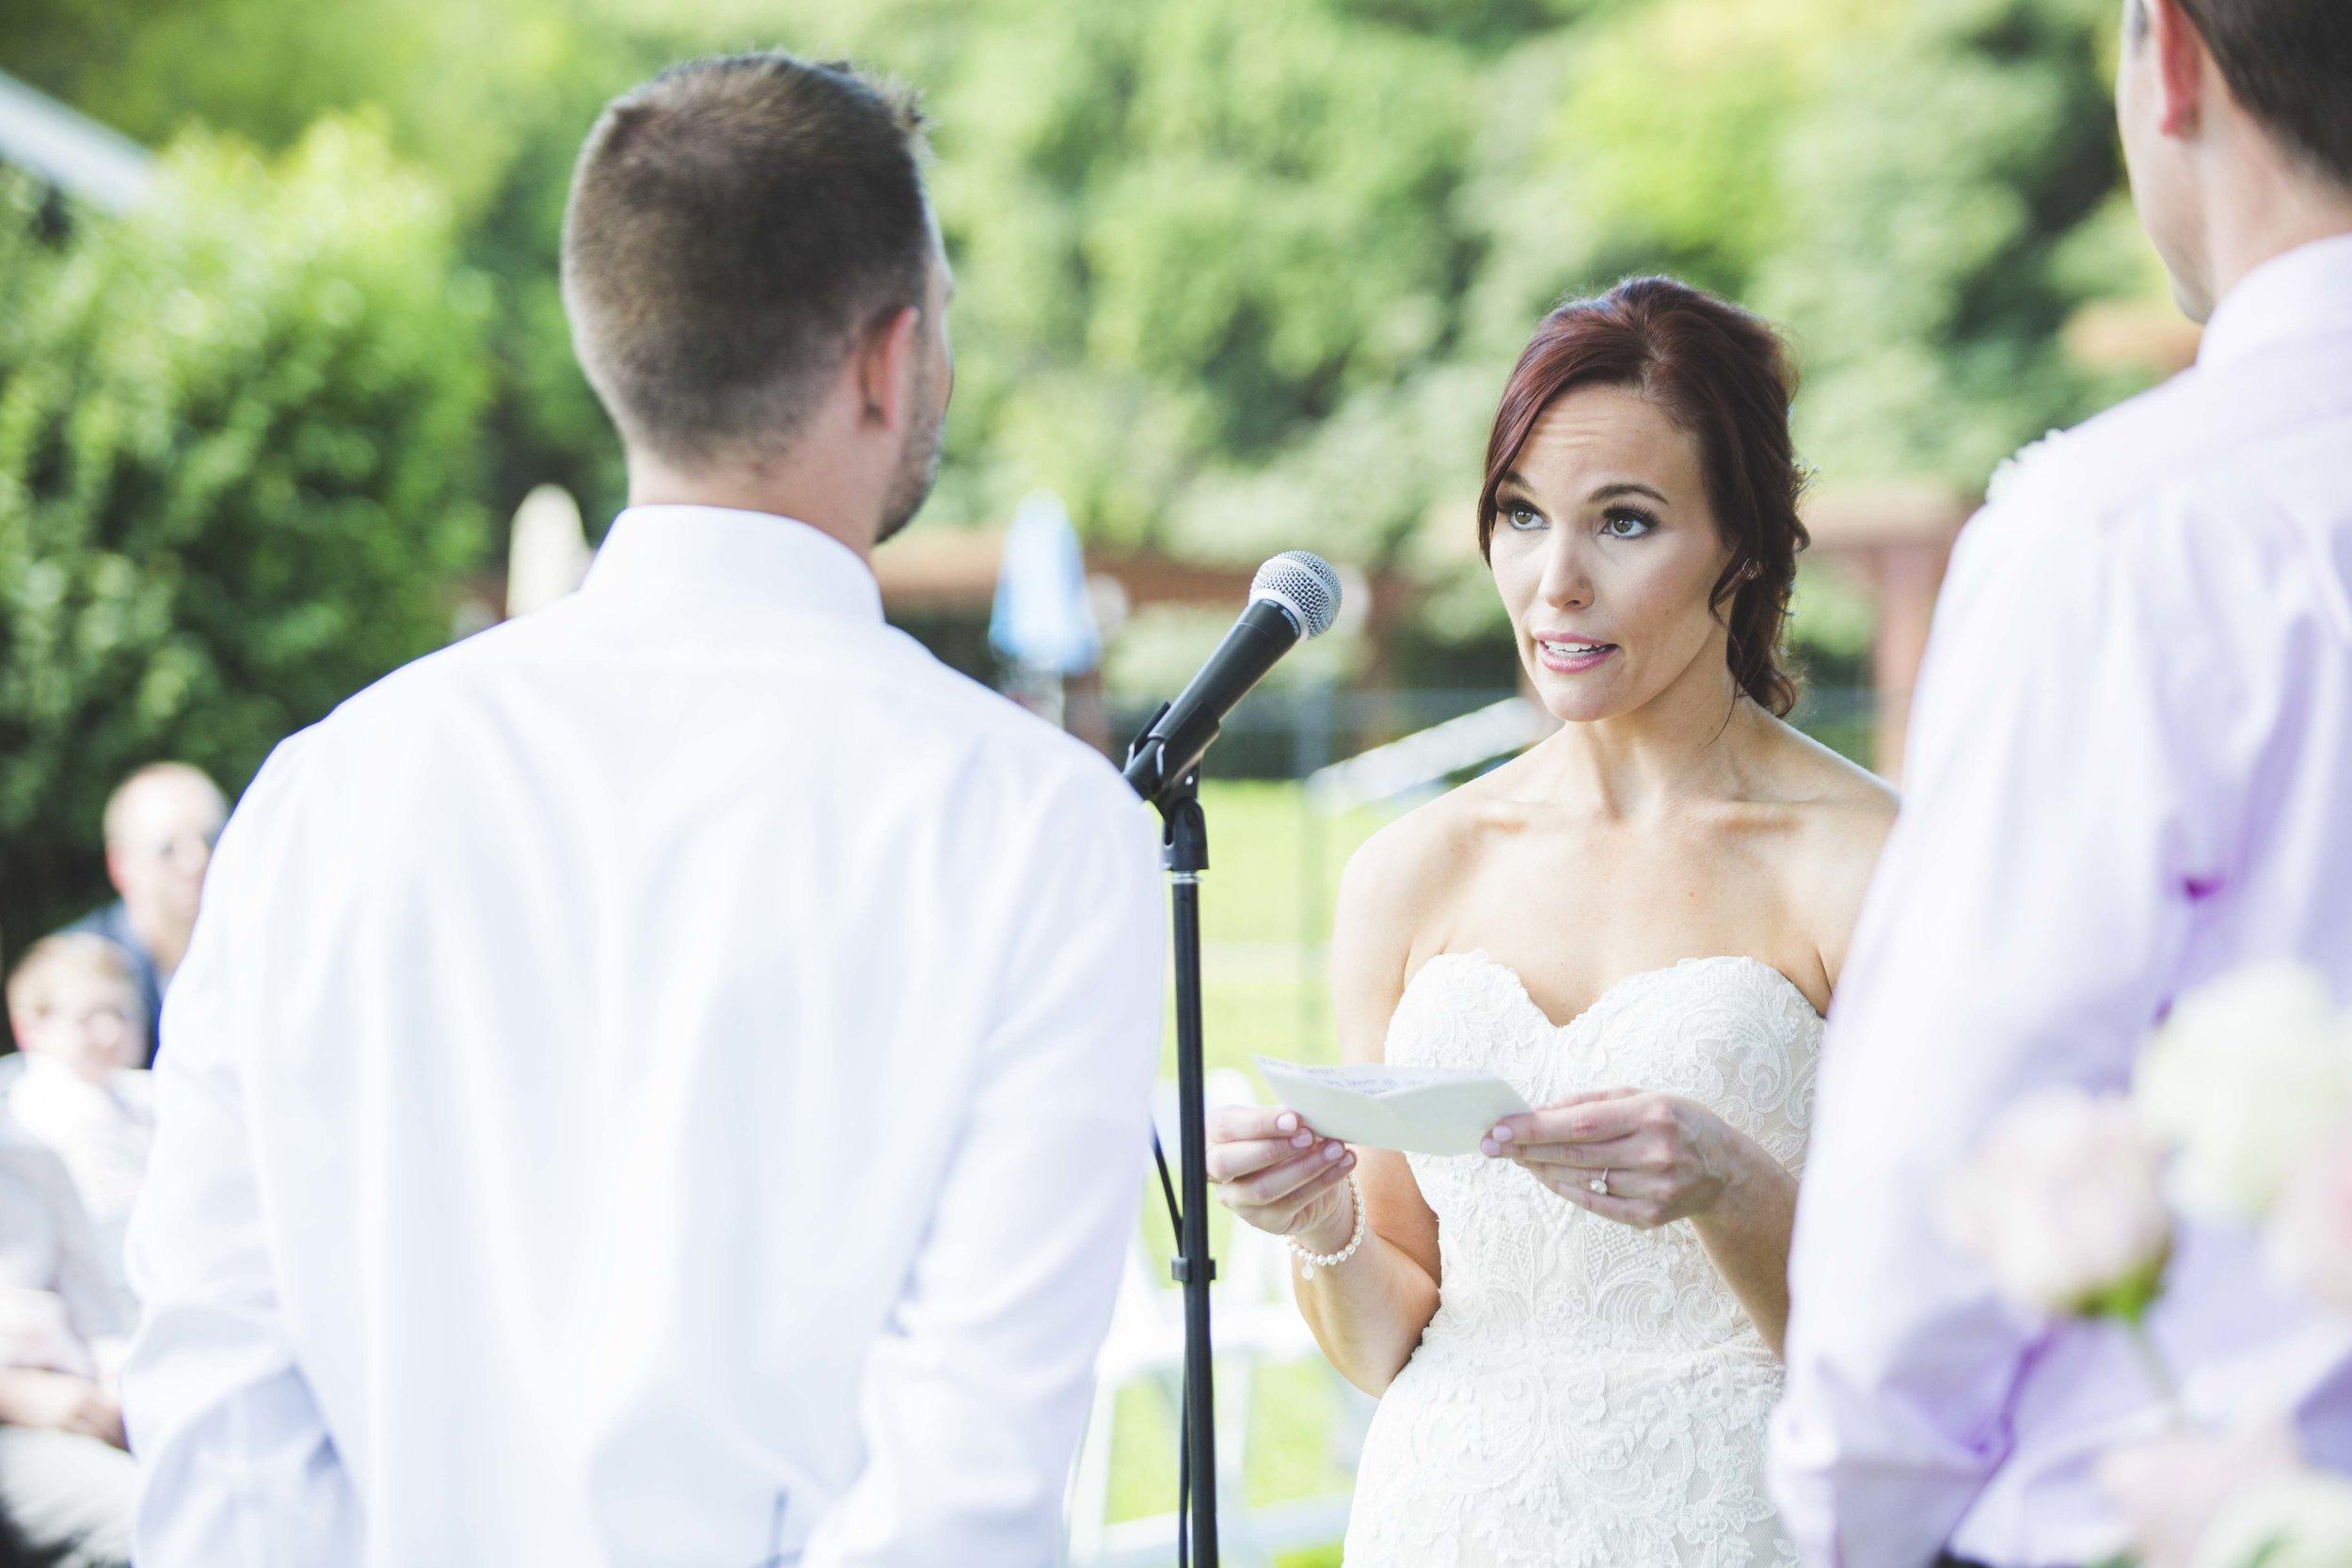 ATGI_Susanna & Matt Wedding_717A7805.jpg